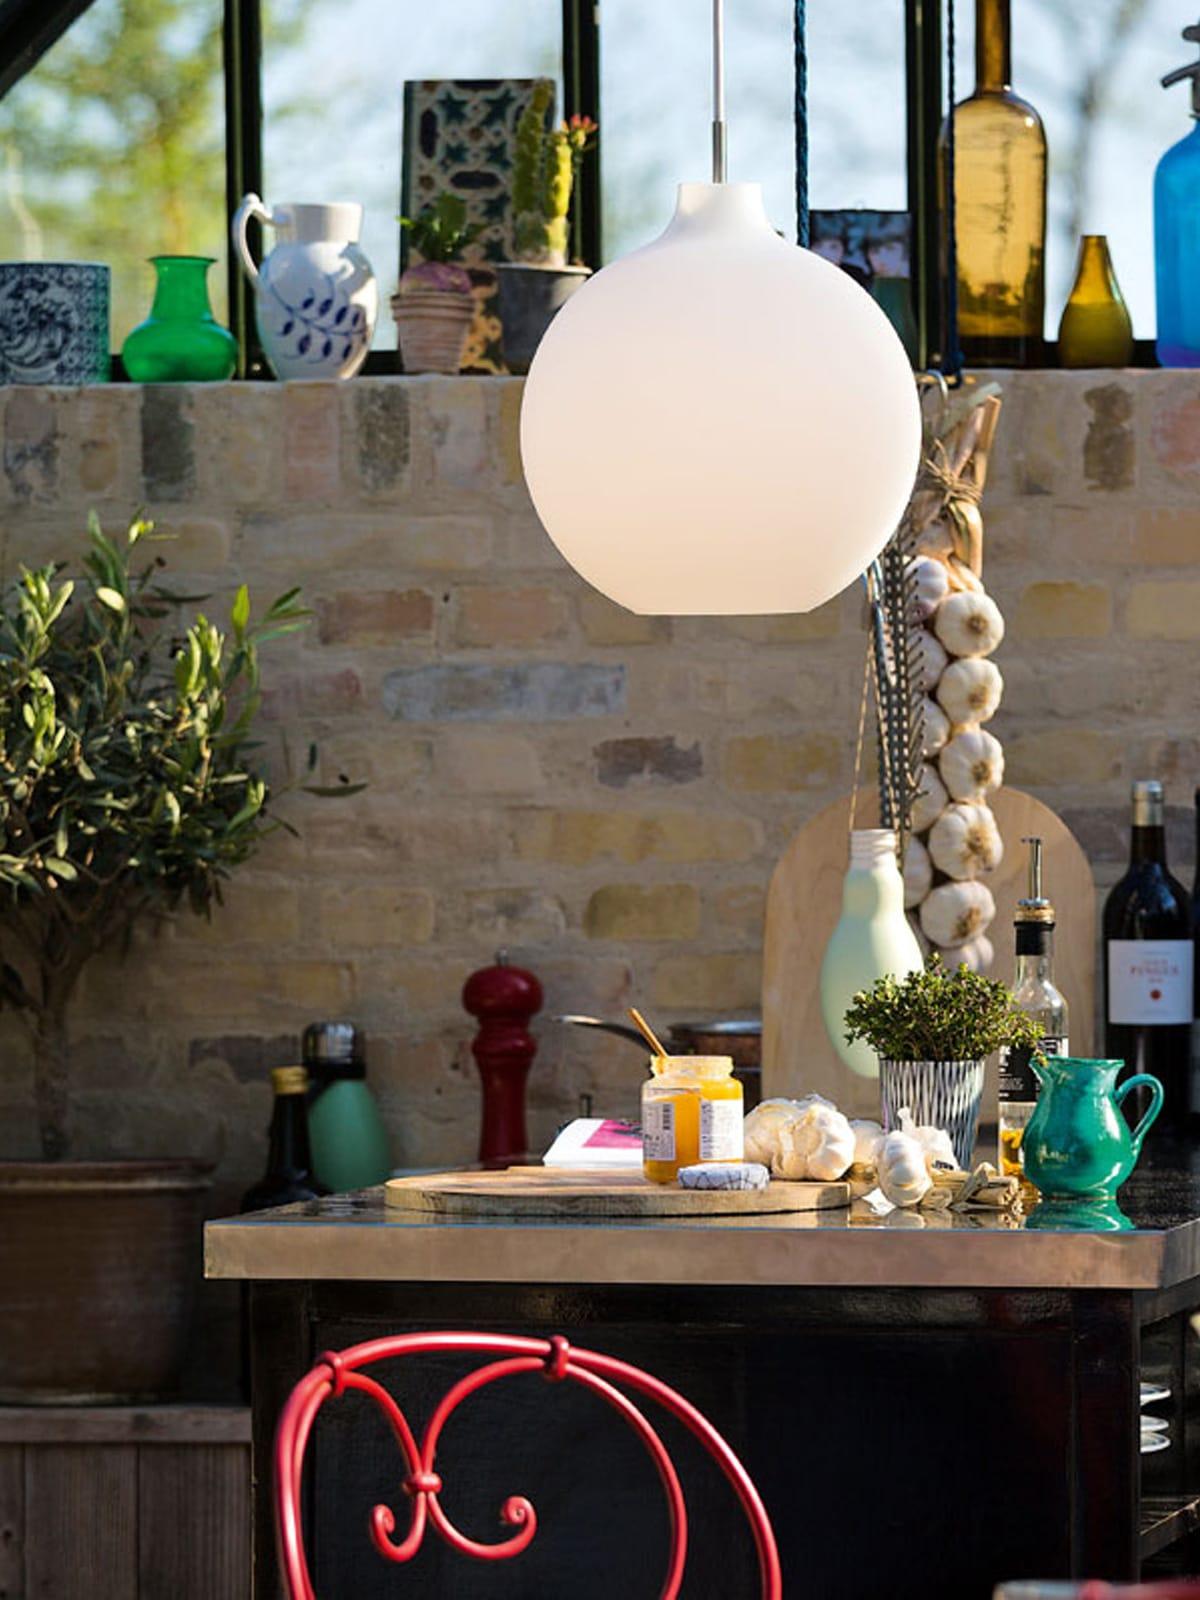 DesignOrt Blog: Louis Poulsen Designerleuchten für Küche und Esszimmer